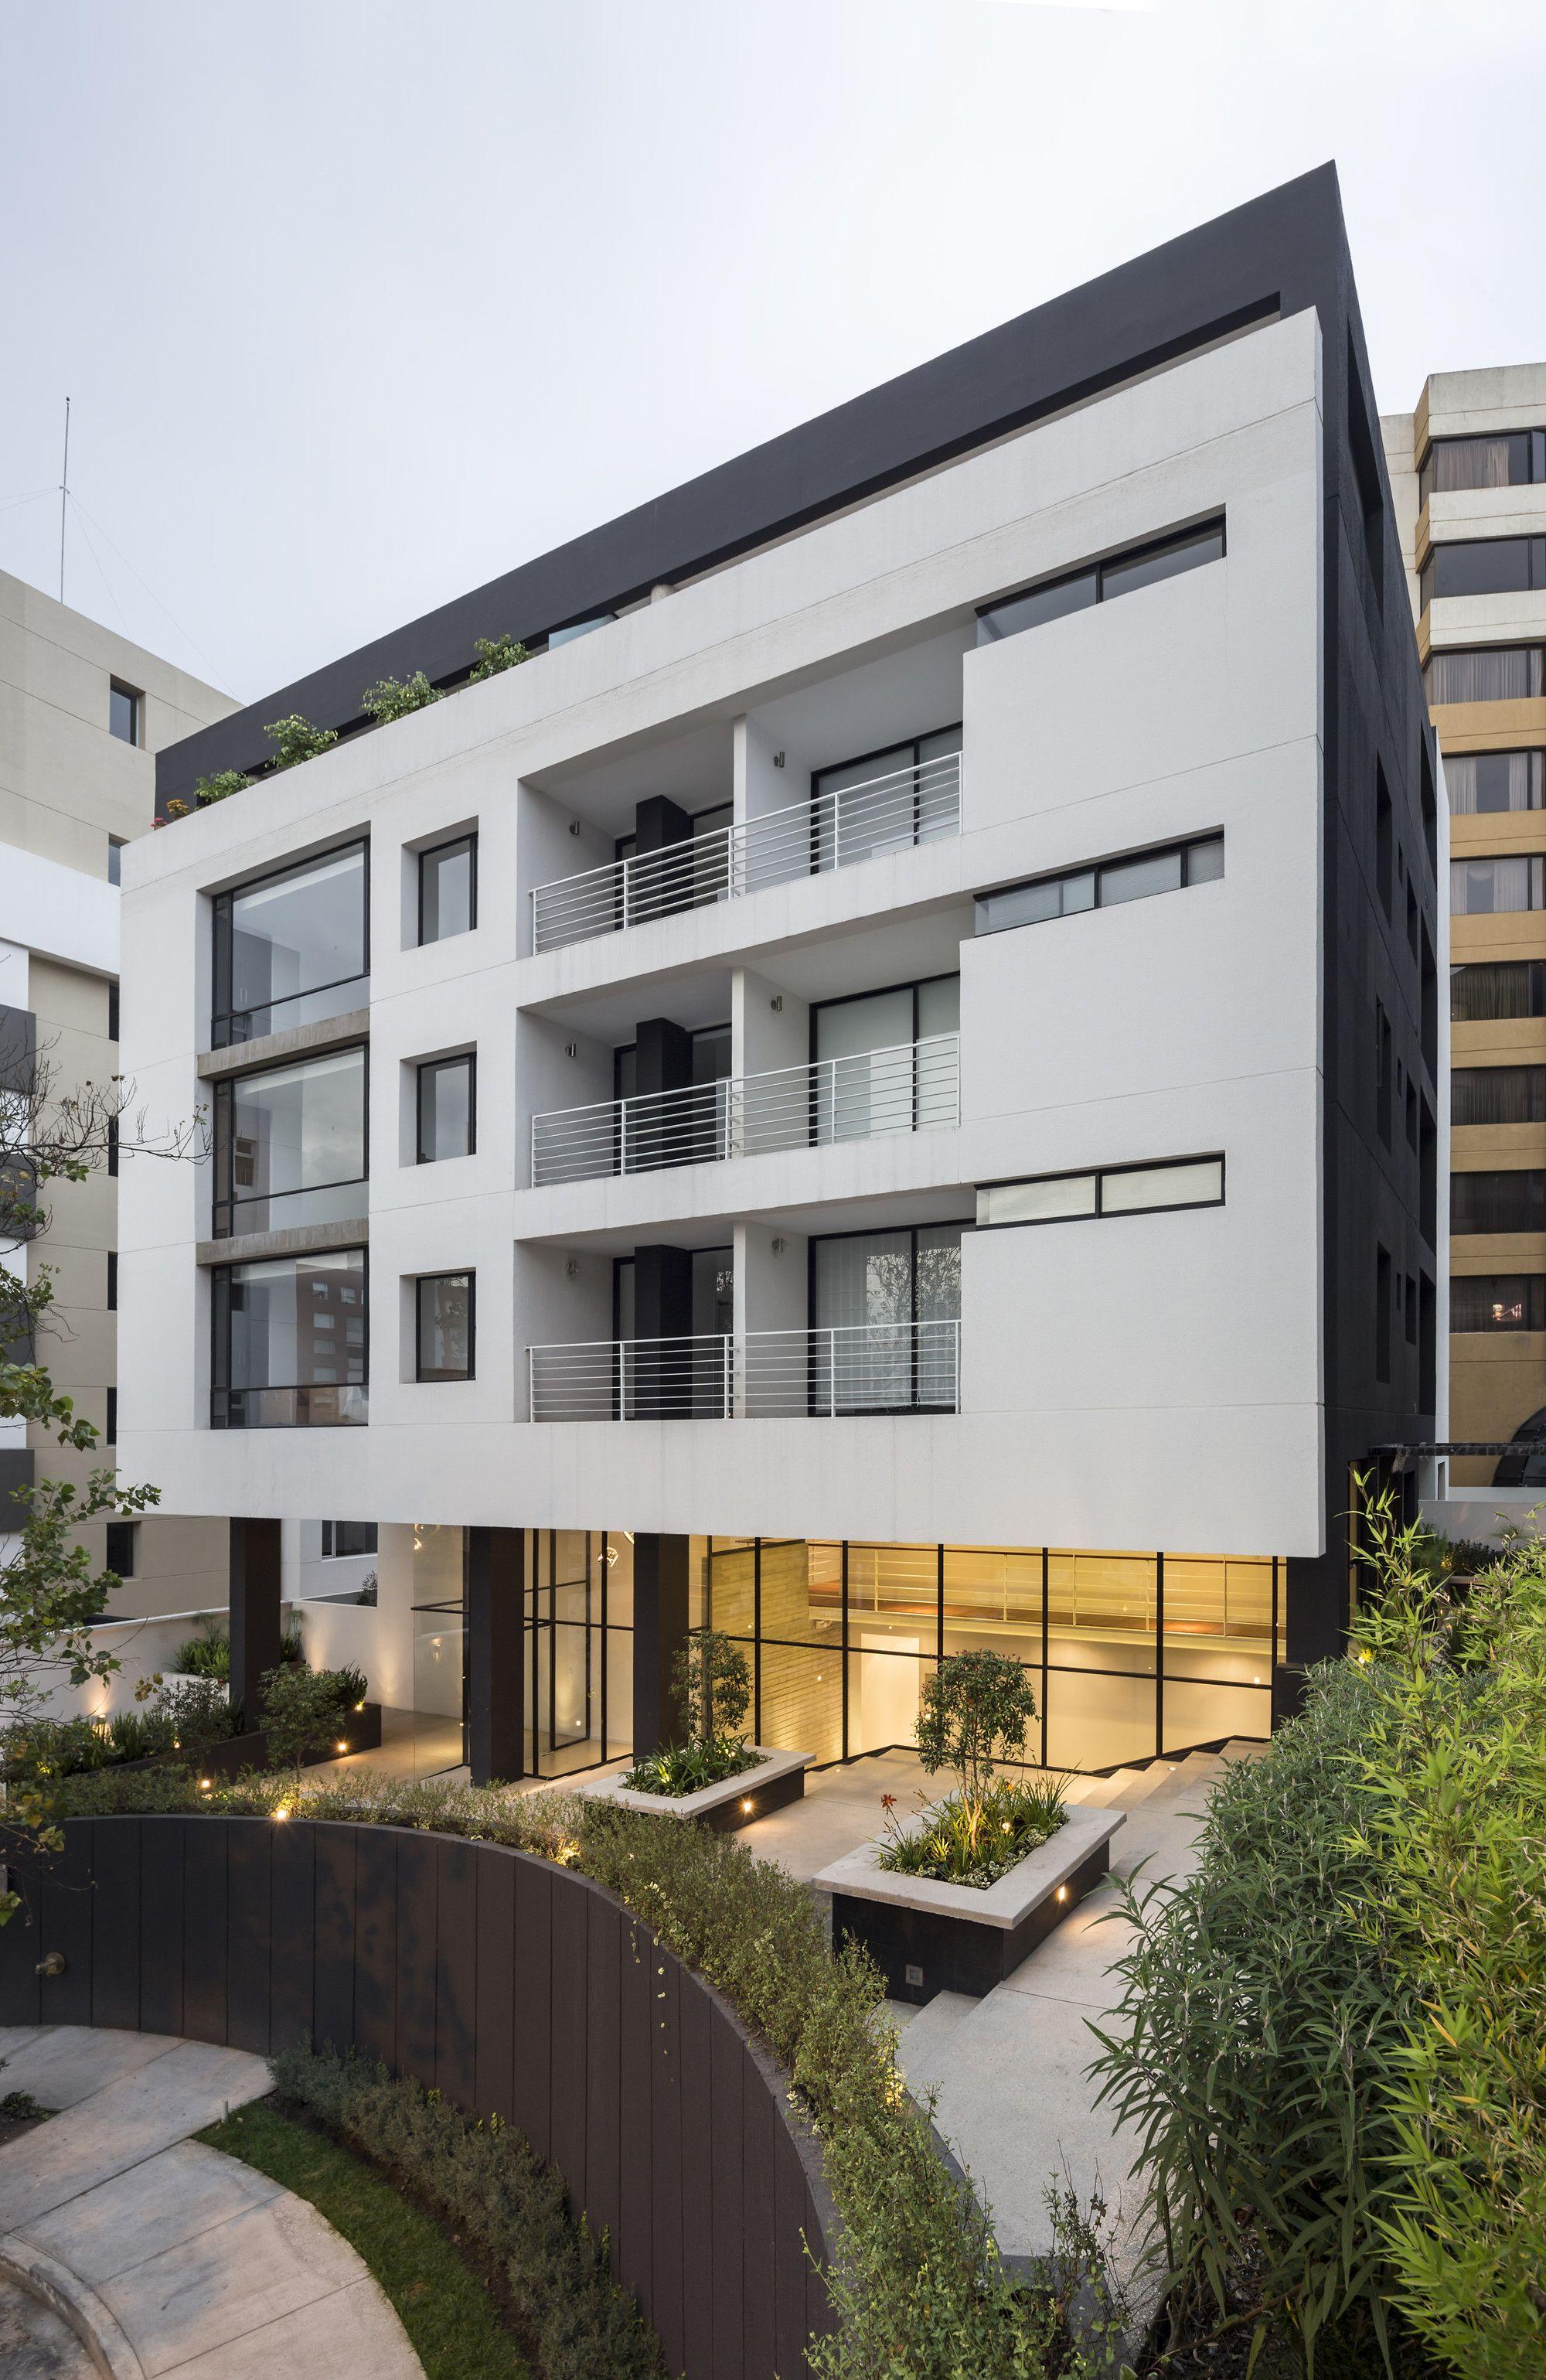 Gallery of Onyx Building / Diez + Muller Arquitectos - 10 ...